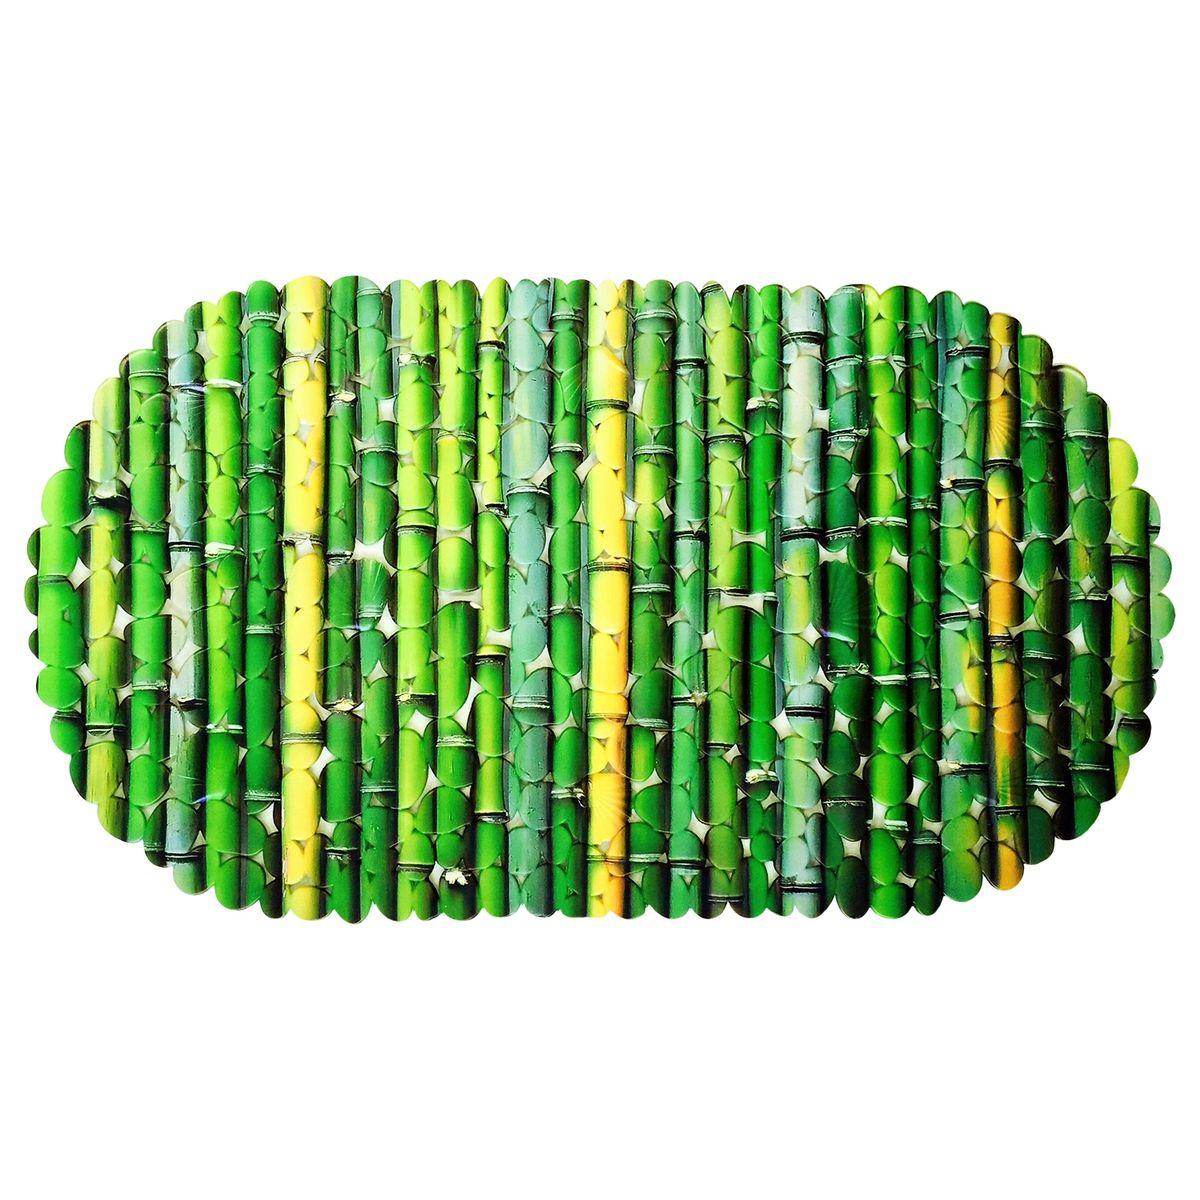 Коврик для ванной Tatkraft SPA Бамбук, противоскользящий, 69 x 39 см18891Противоскользящий коврик Tatkraft SPA Фотопринт обеспечит комфортное и безопасное купание и подойдёт как для малыша, так и для взрослого. • Нанесенная на них с помощью термопечати специальная фотопленка позволяет сделать рисунок у этих ковриков очень четким и объемным. • Присоски надежно прикрепляют коврик ко дну ванны, душевой или к полу в ванной комнате и не дают ему скользить. • Специальное рельефное покрытие препятствует скольжению ног по коврику.